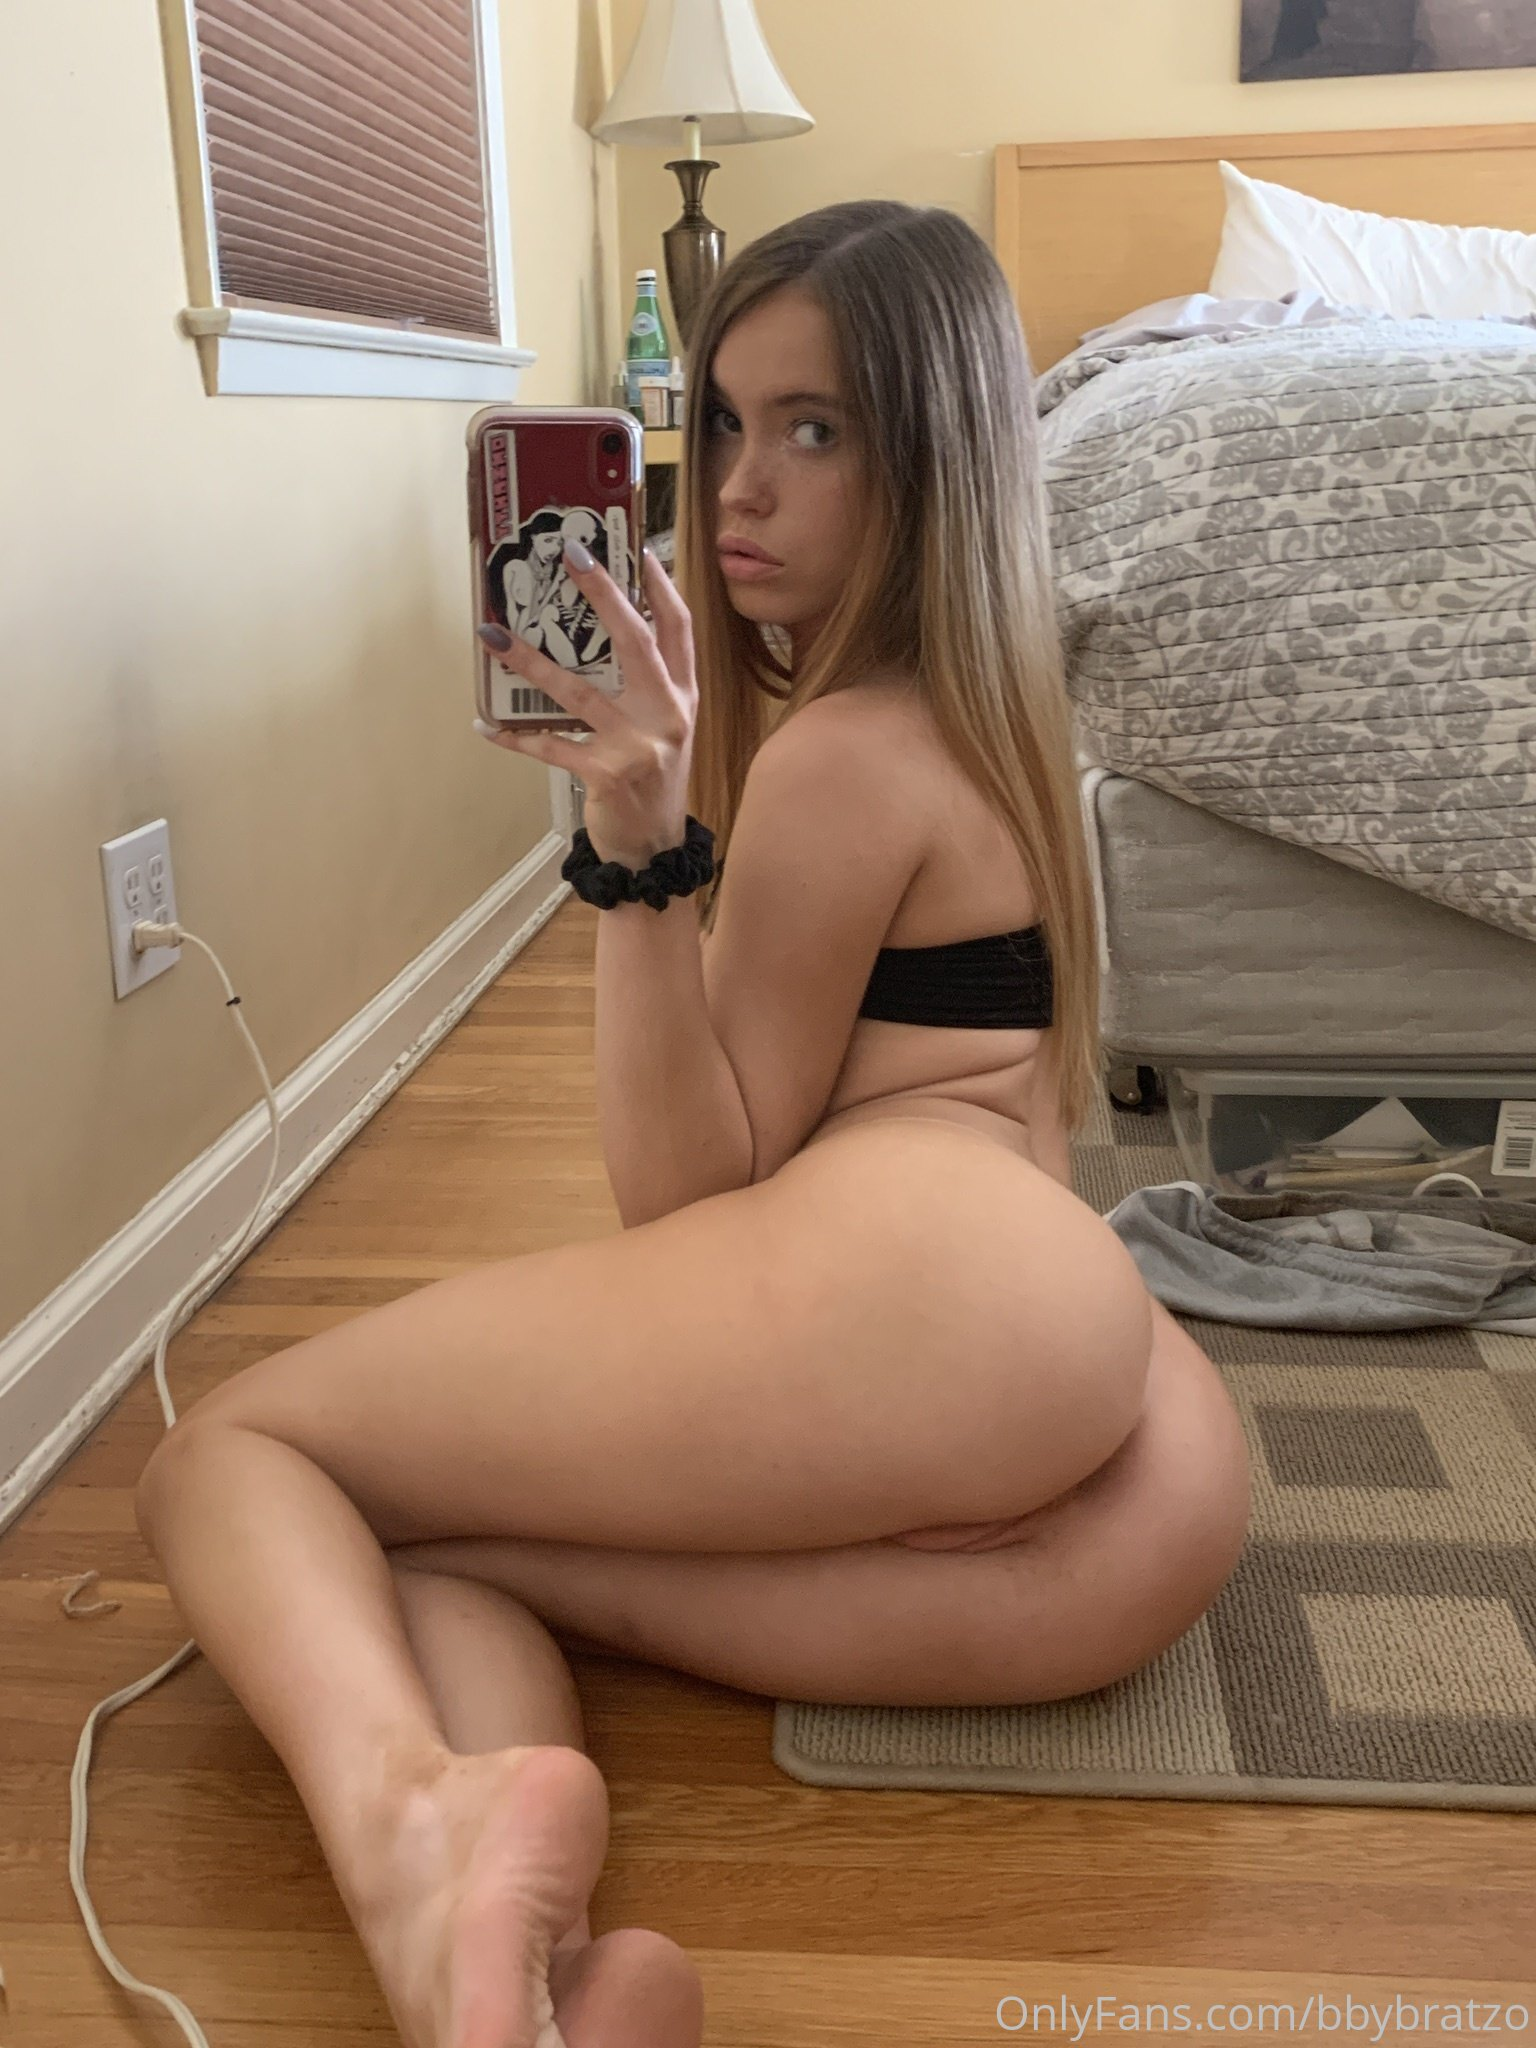 Zoey Luna, Bbybratzo, Onlyfans0051